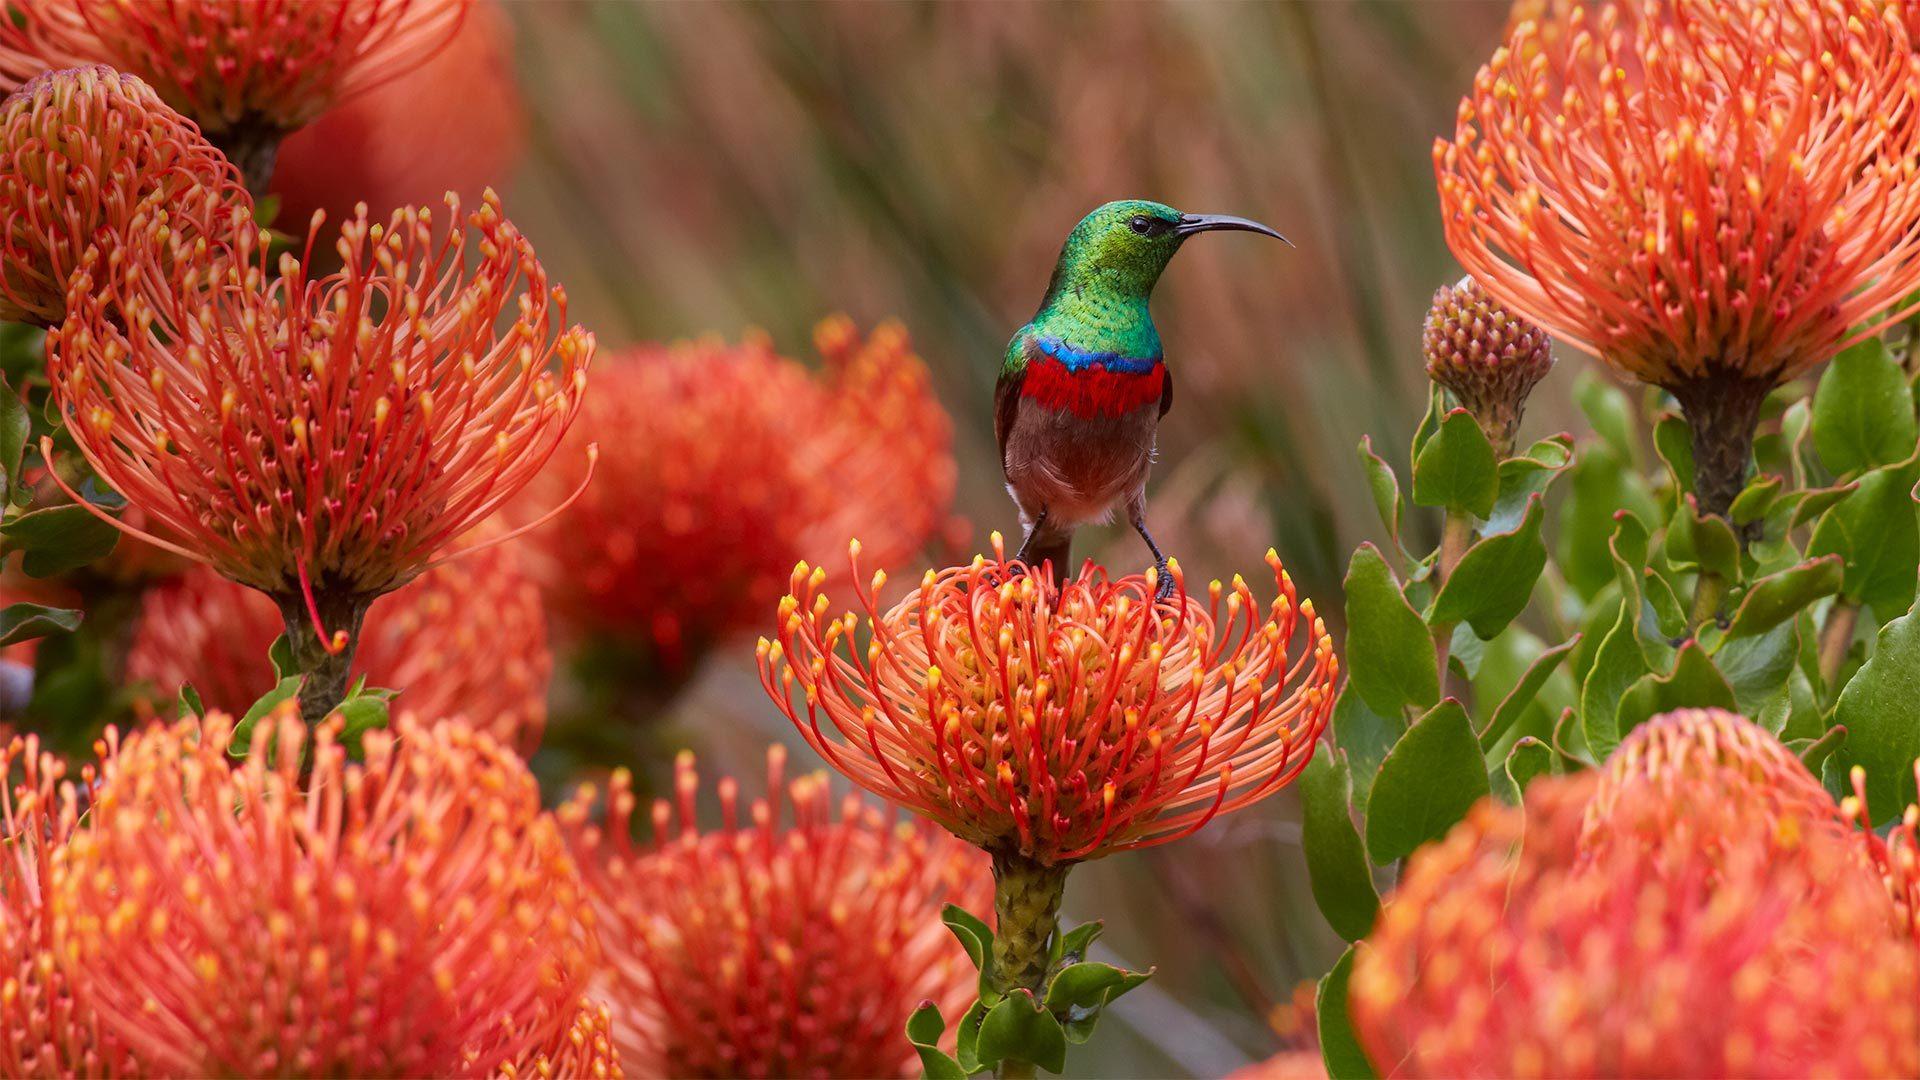 伯斯国家植物园针垫花上的一只雄性南方双领太阳鸟太阳鸟